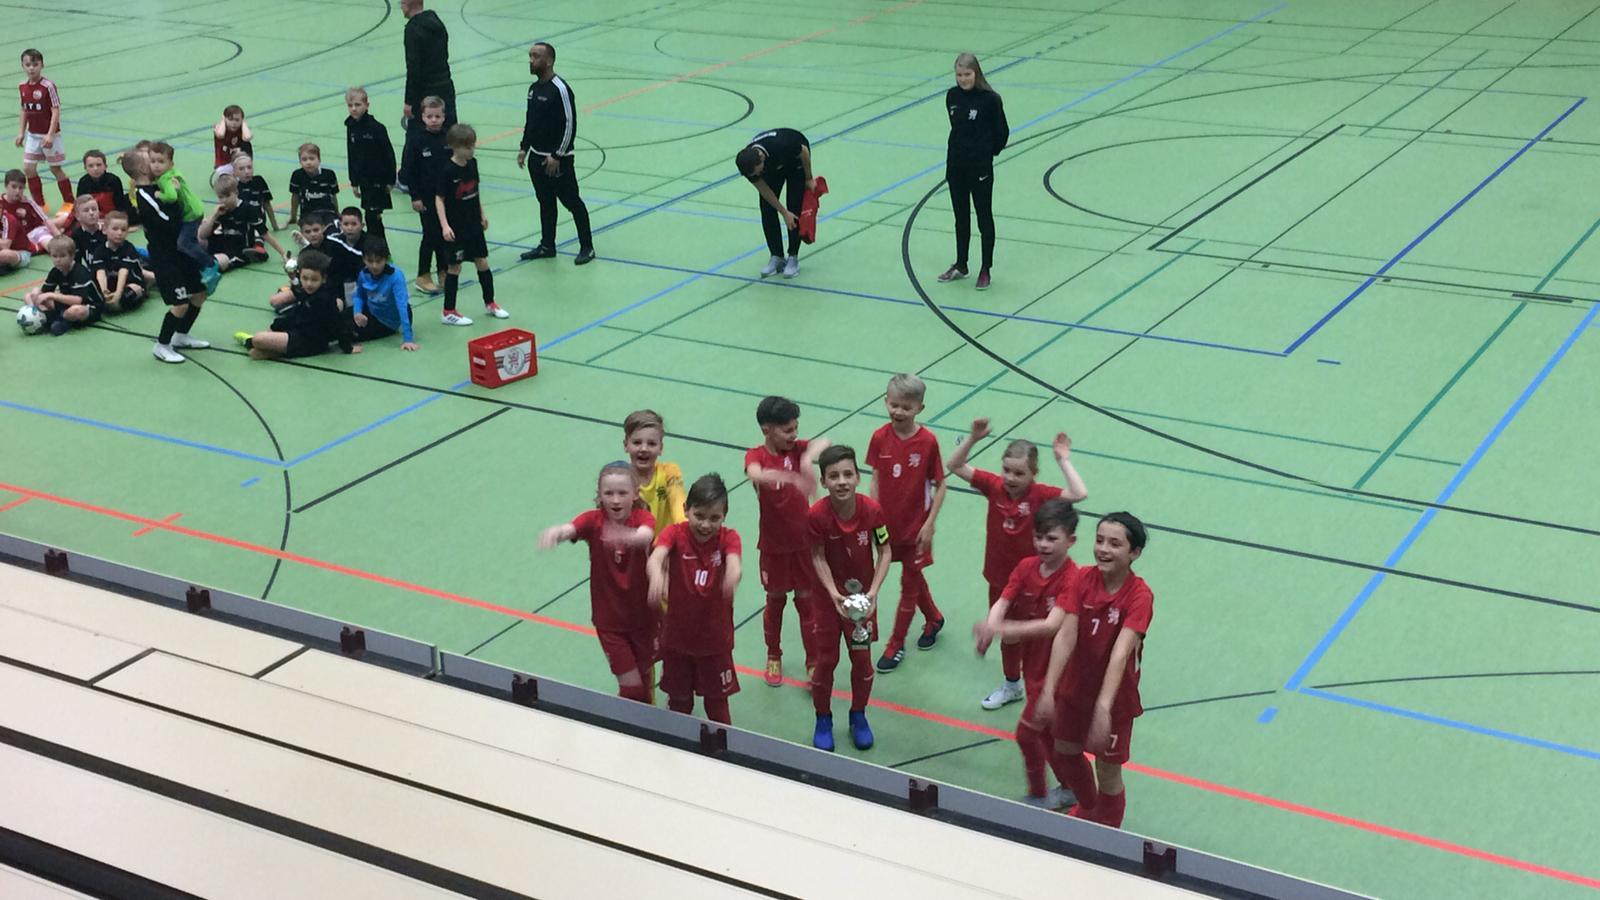 U10 Hallenturnier Kasseler SV